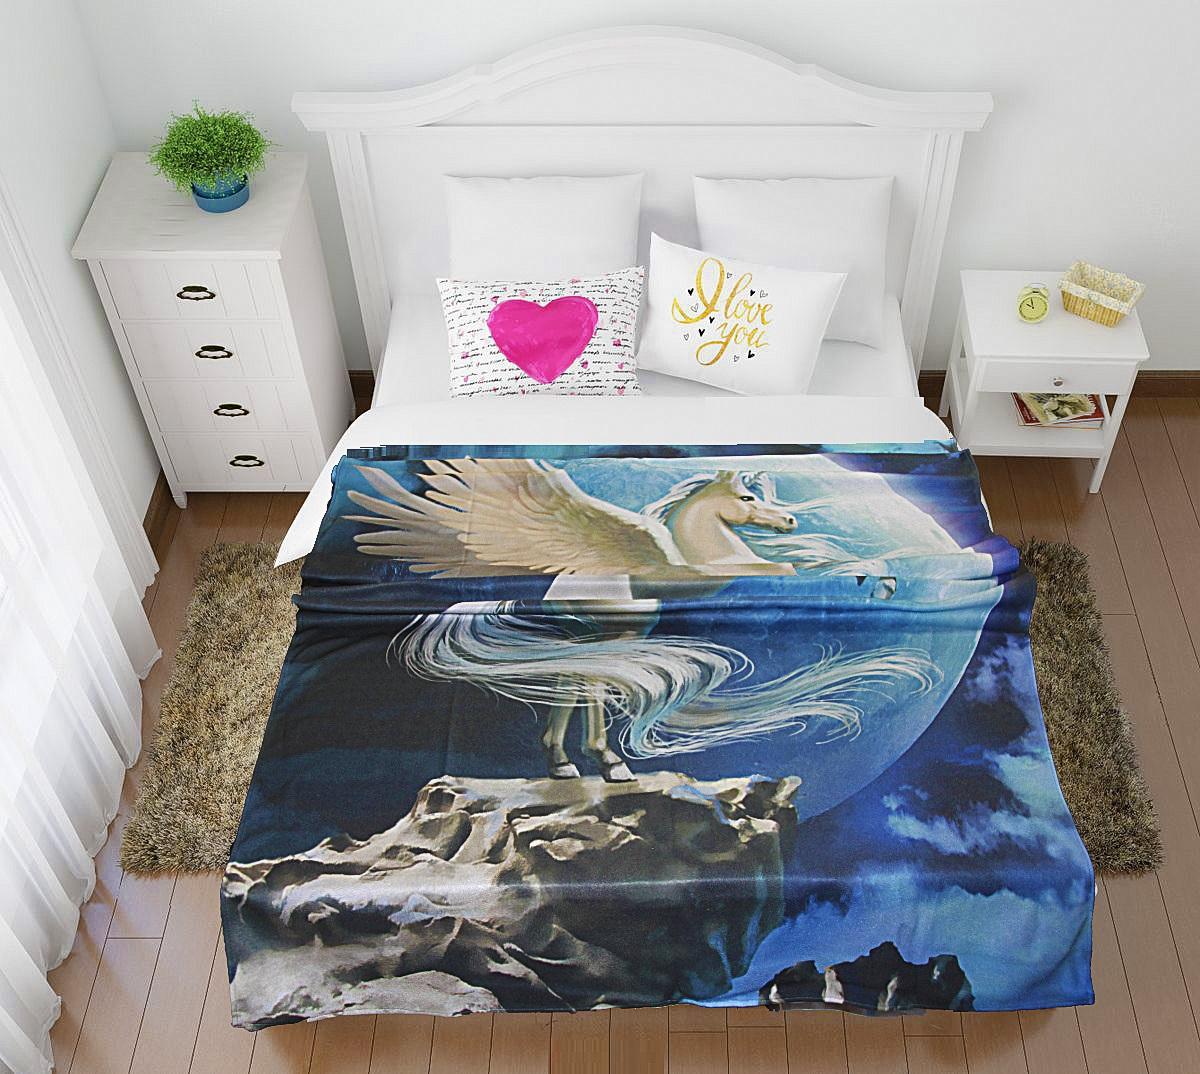 Купить Покрывала, подушки, одеяла для малышей Elegante, Детский плед Пегас (150х200 см), Россия, Синтетический флис